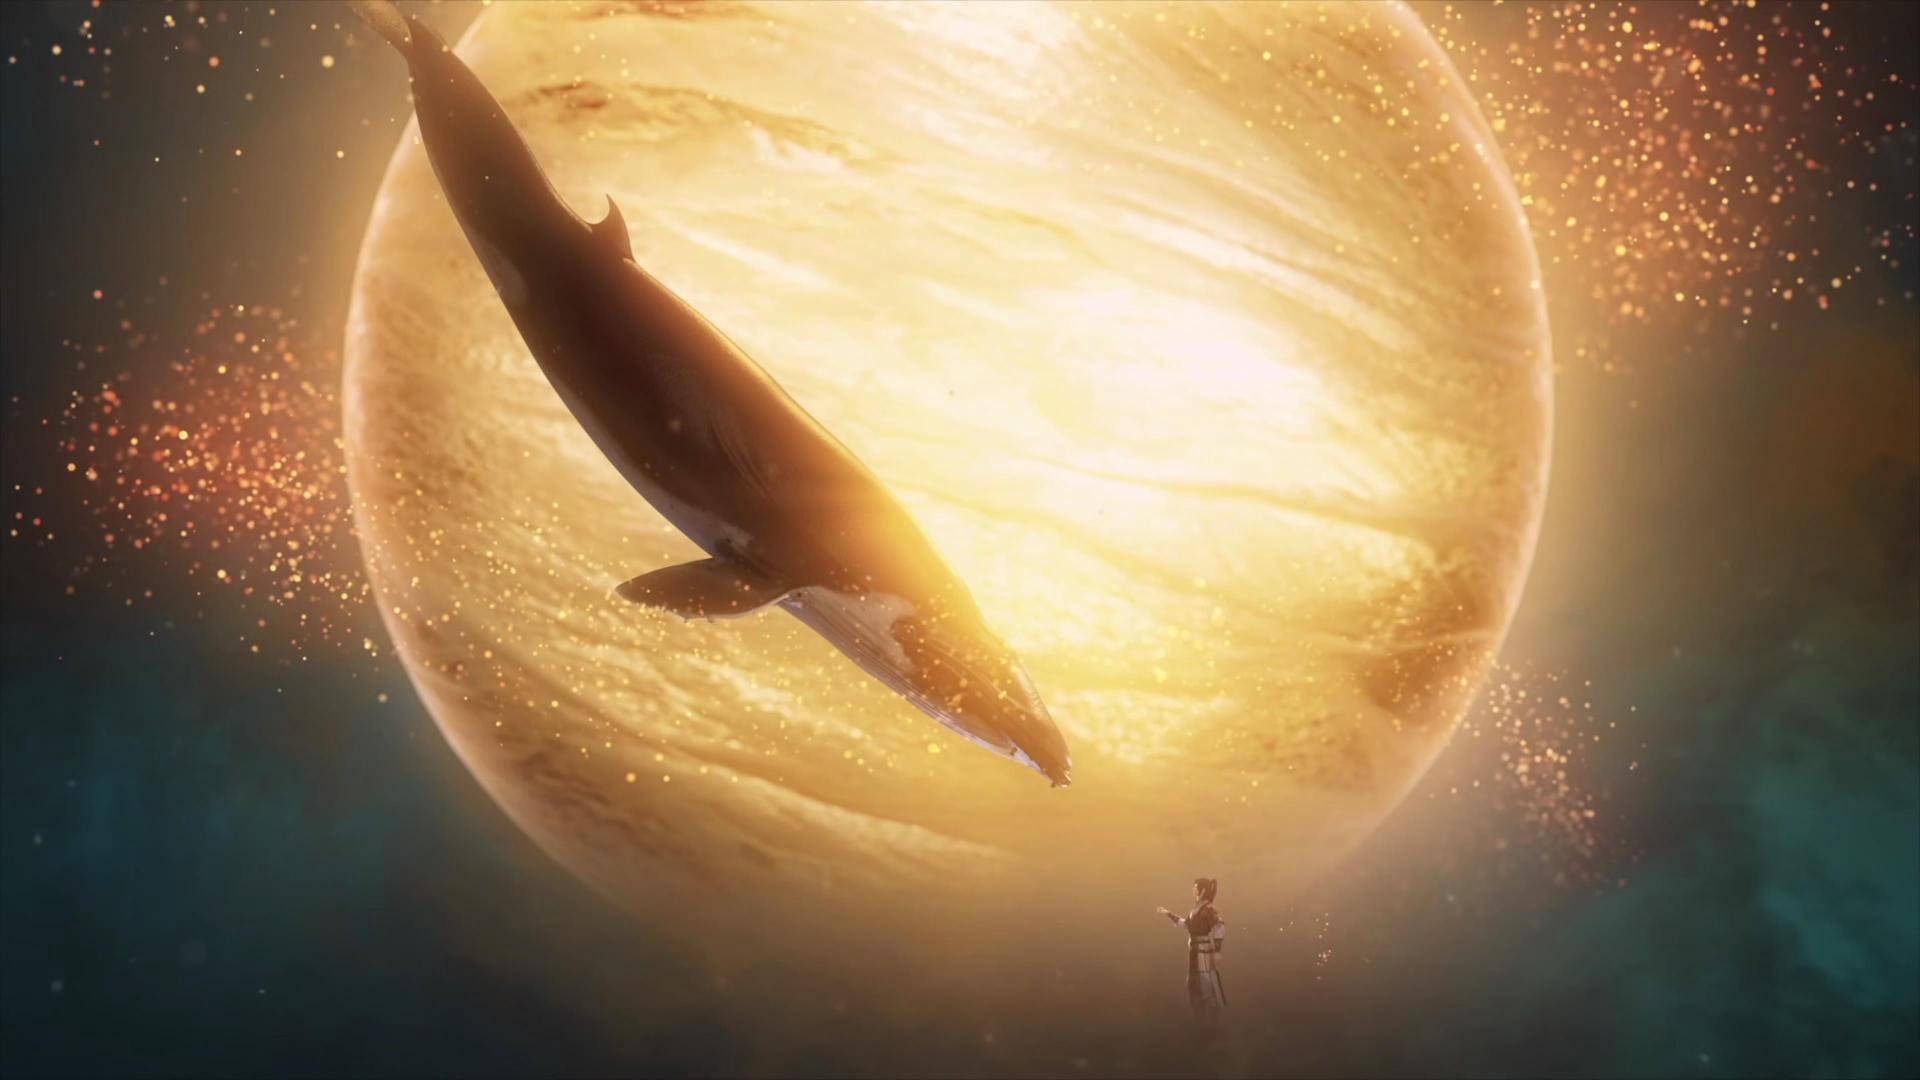 《四海鲸骑》中国版《海贼王》书写一段探寻佛岛之秘的海上冒险